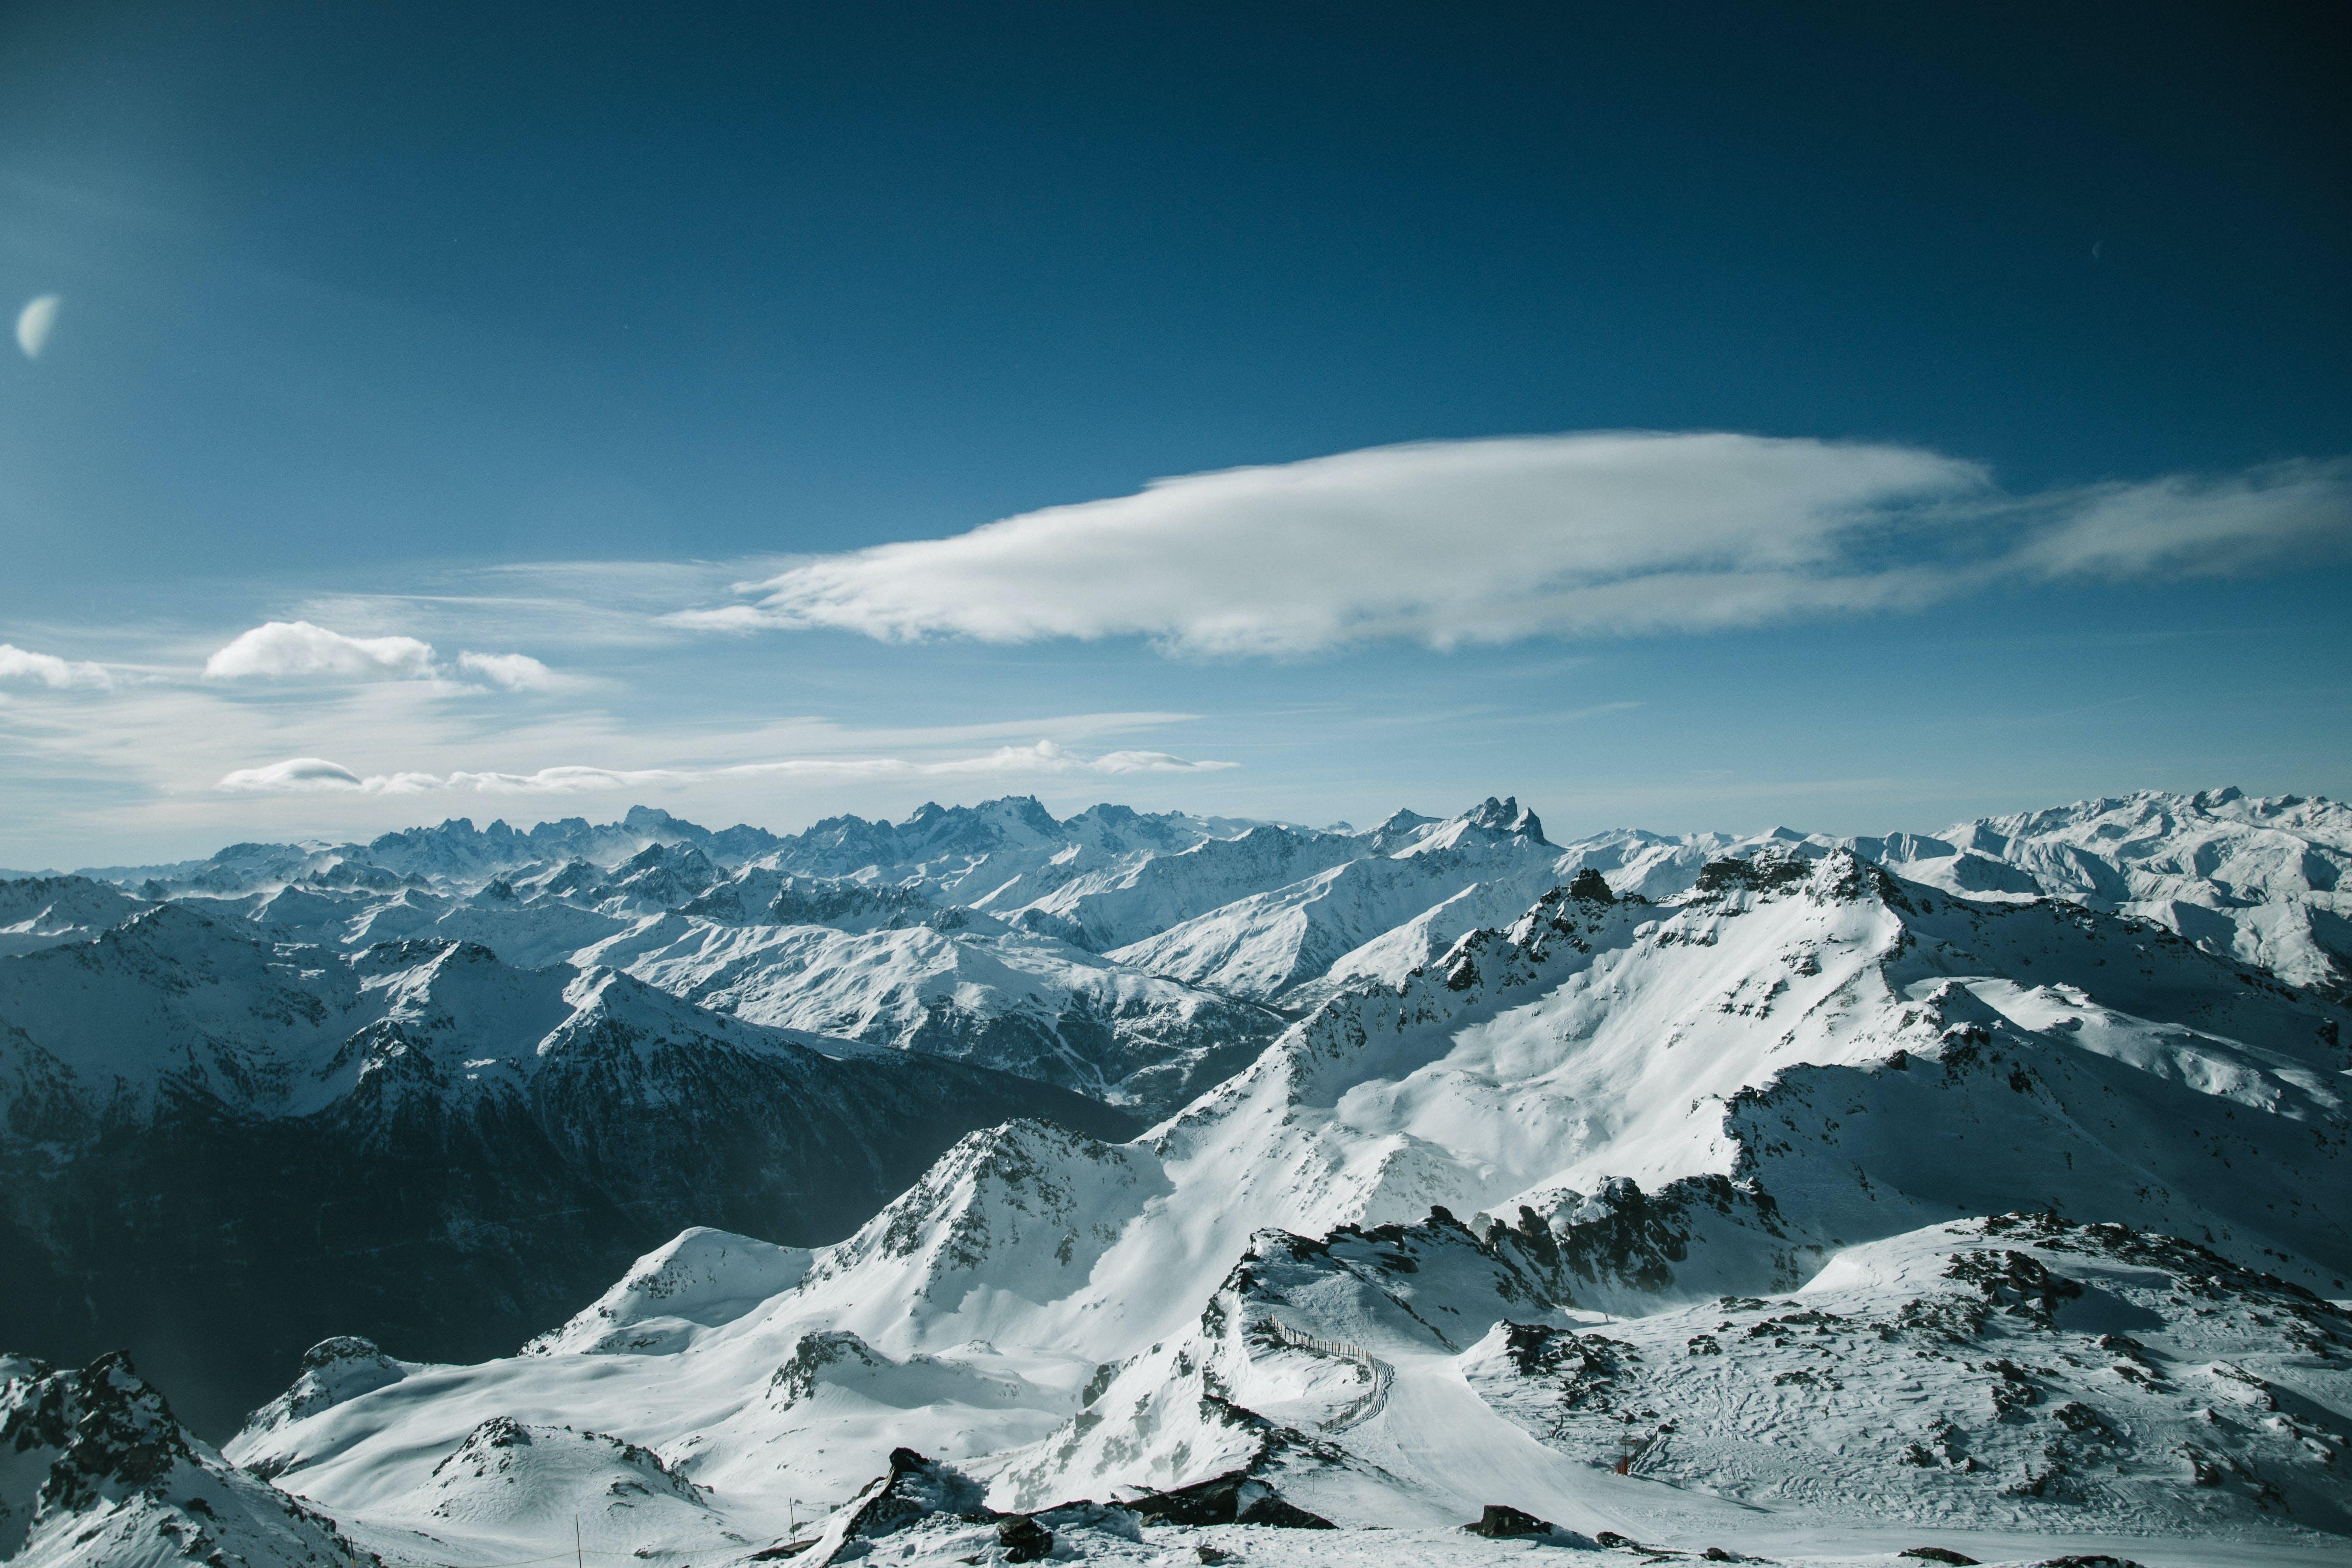 Gratis lagerfoto af 4k-baggrund, alperne, bjerge, bjergkæde